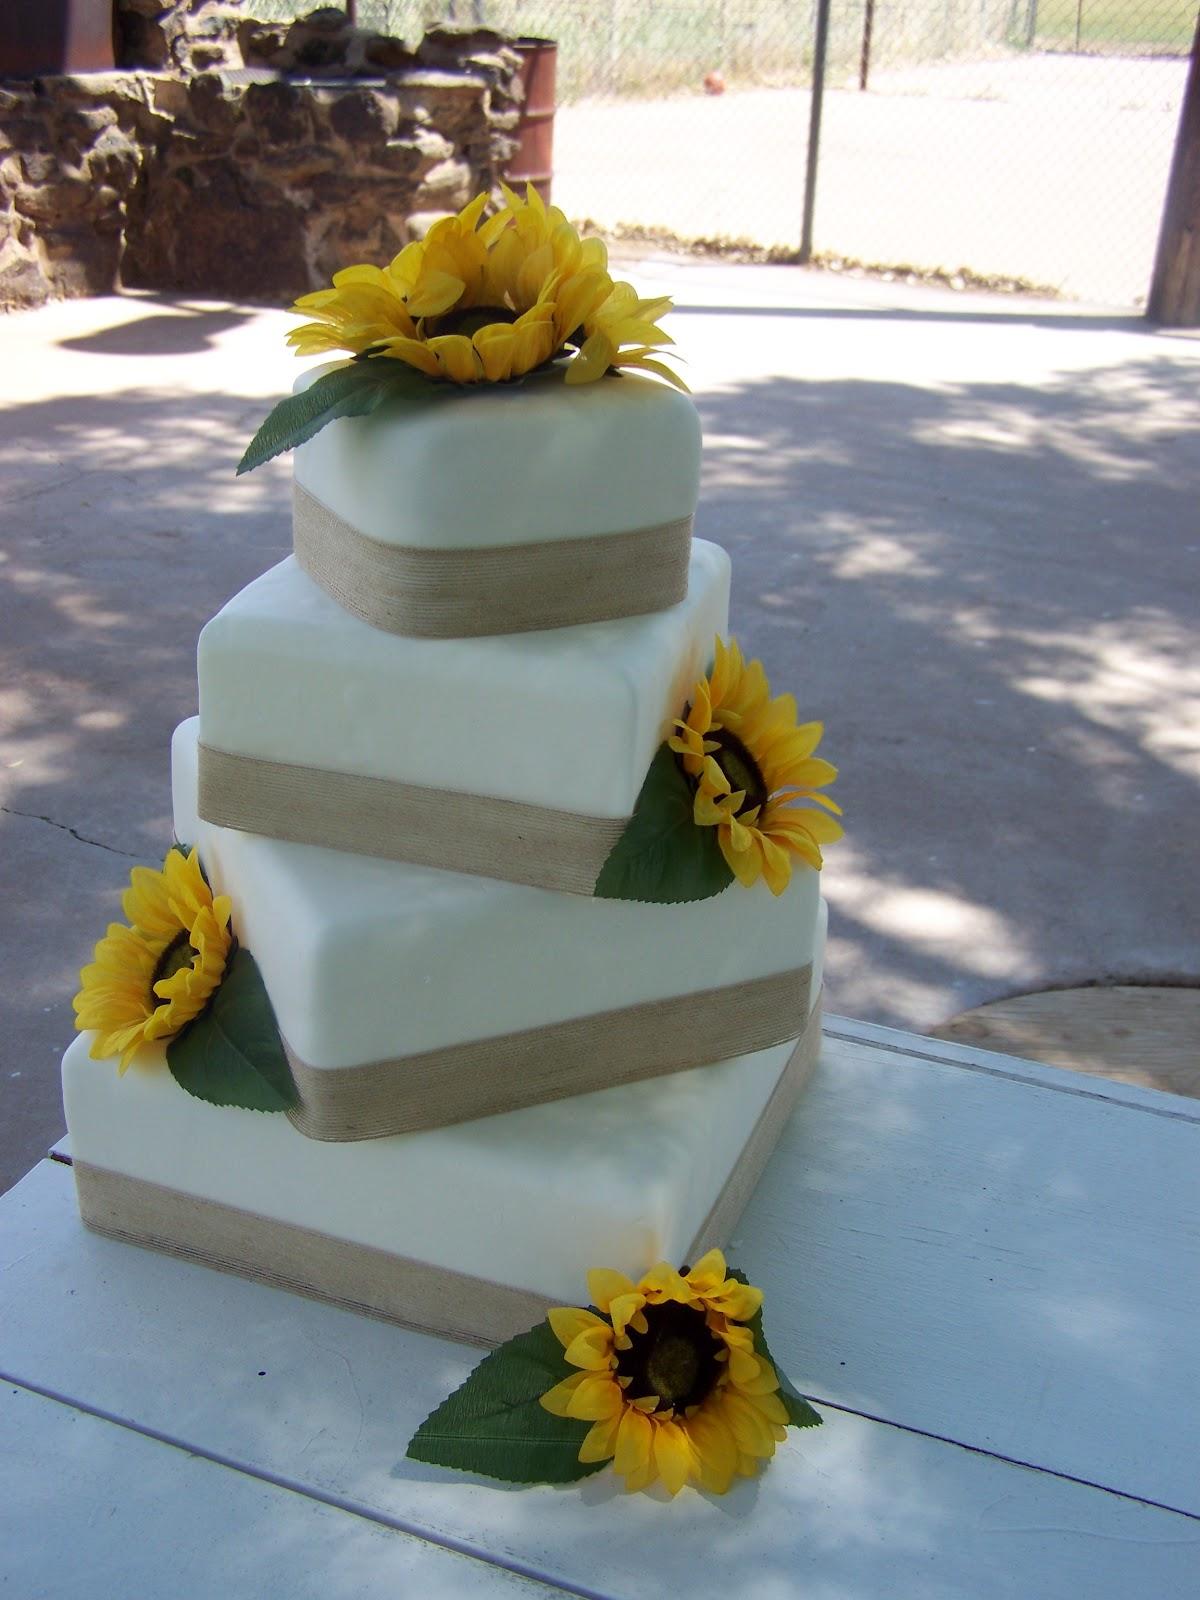 Cake-A-Licious: Sunflower & Burlap Wedding Cake